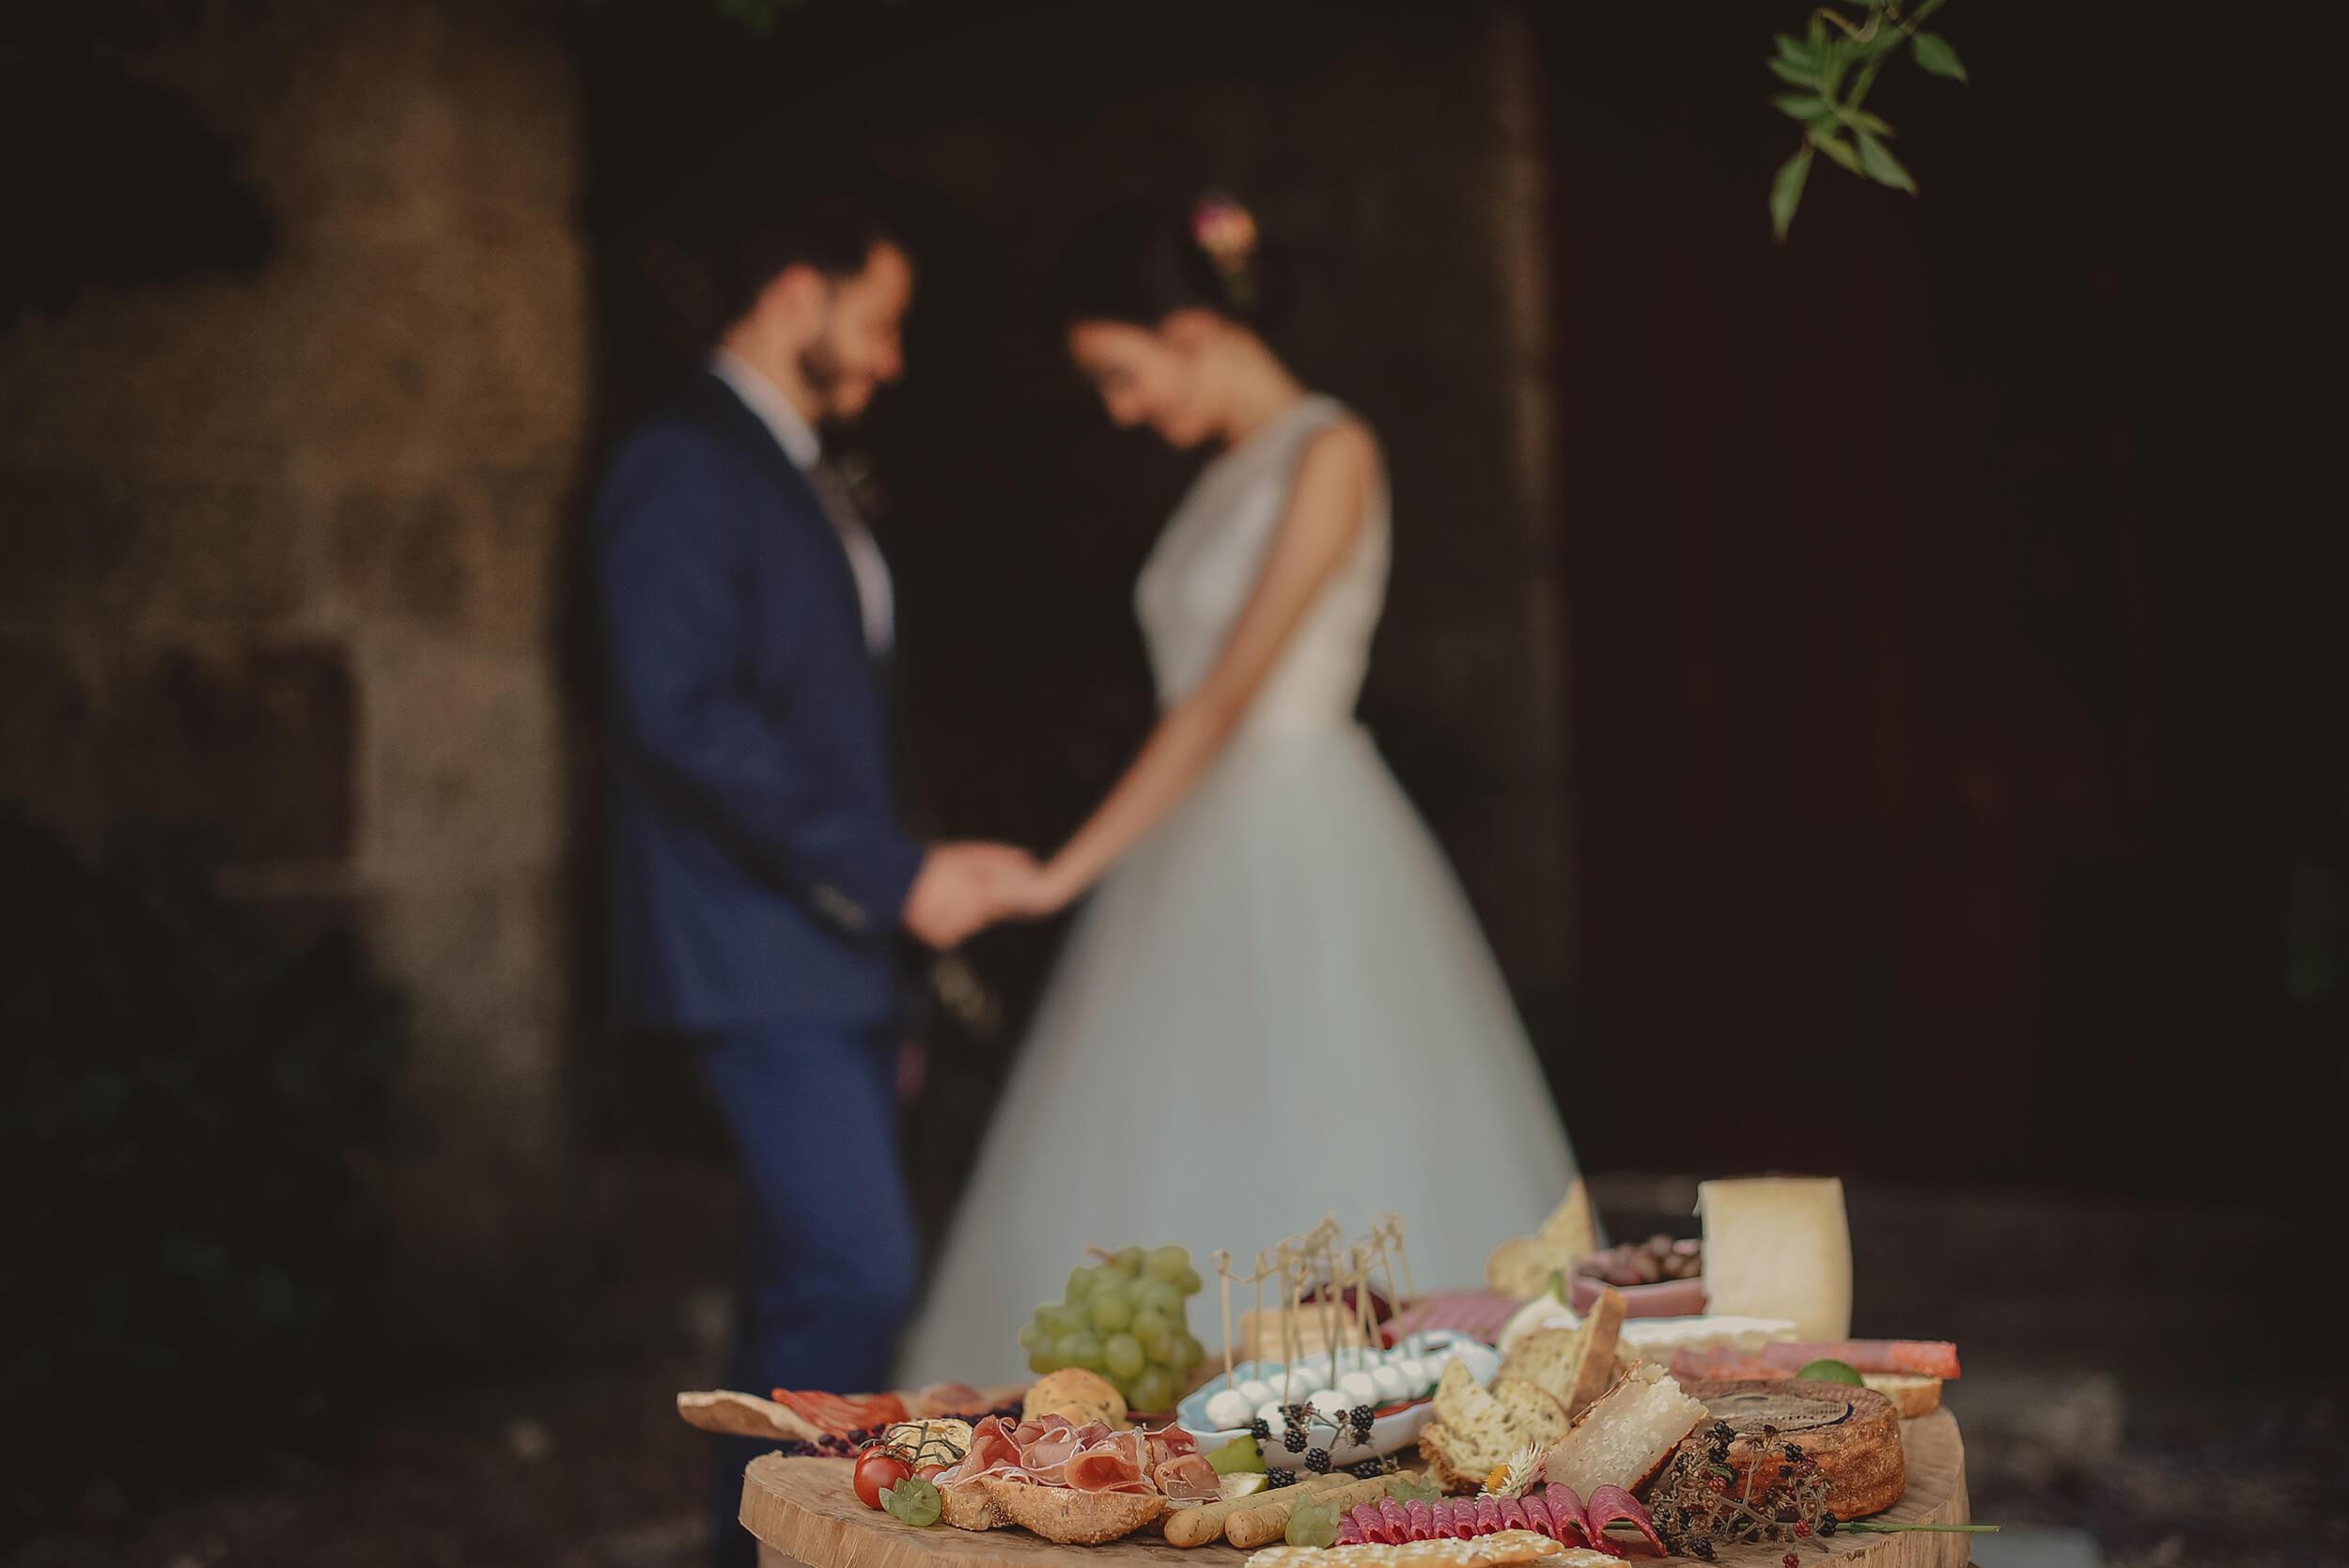 roma-organizacao-eventos-editorial-casamento-colorful-wedding-6